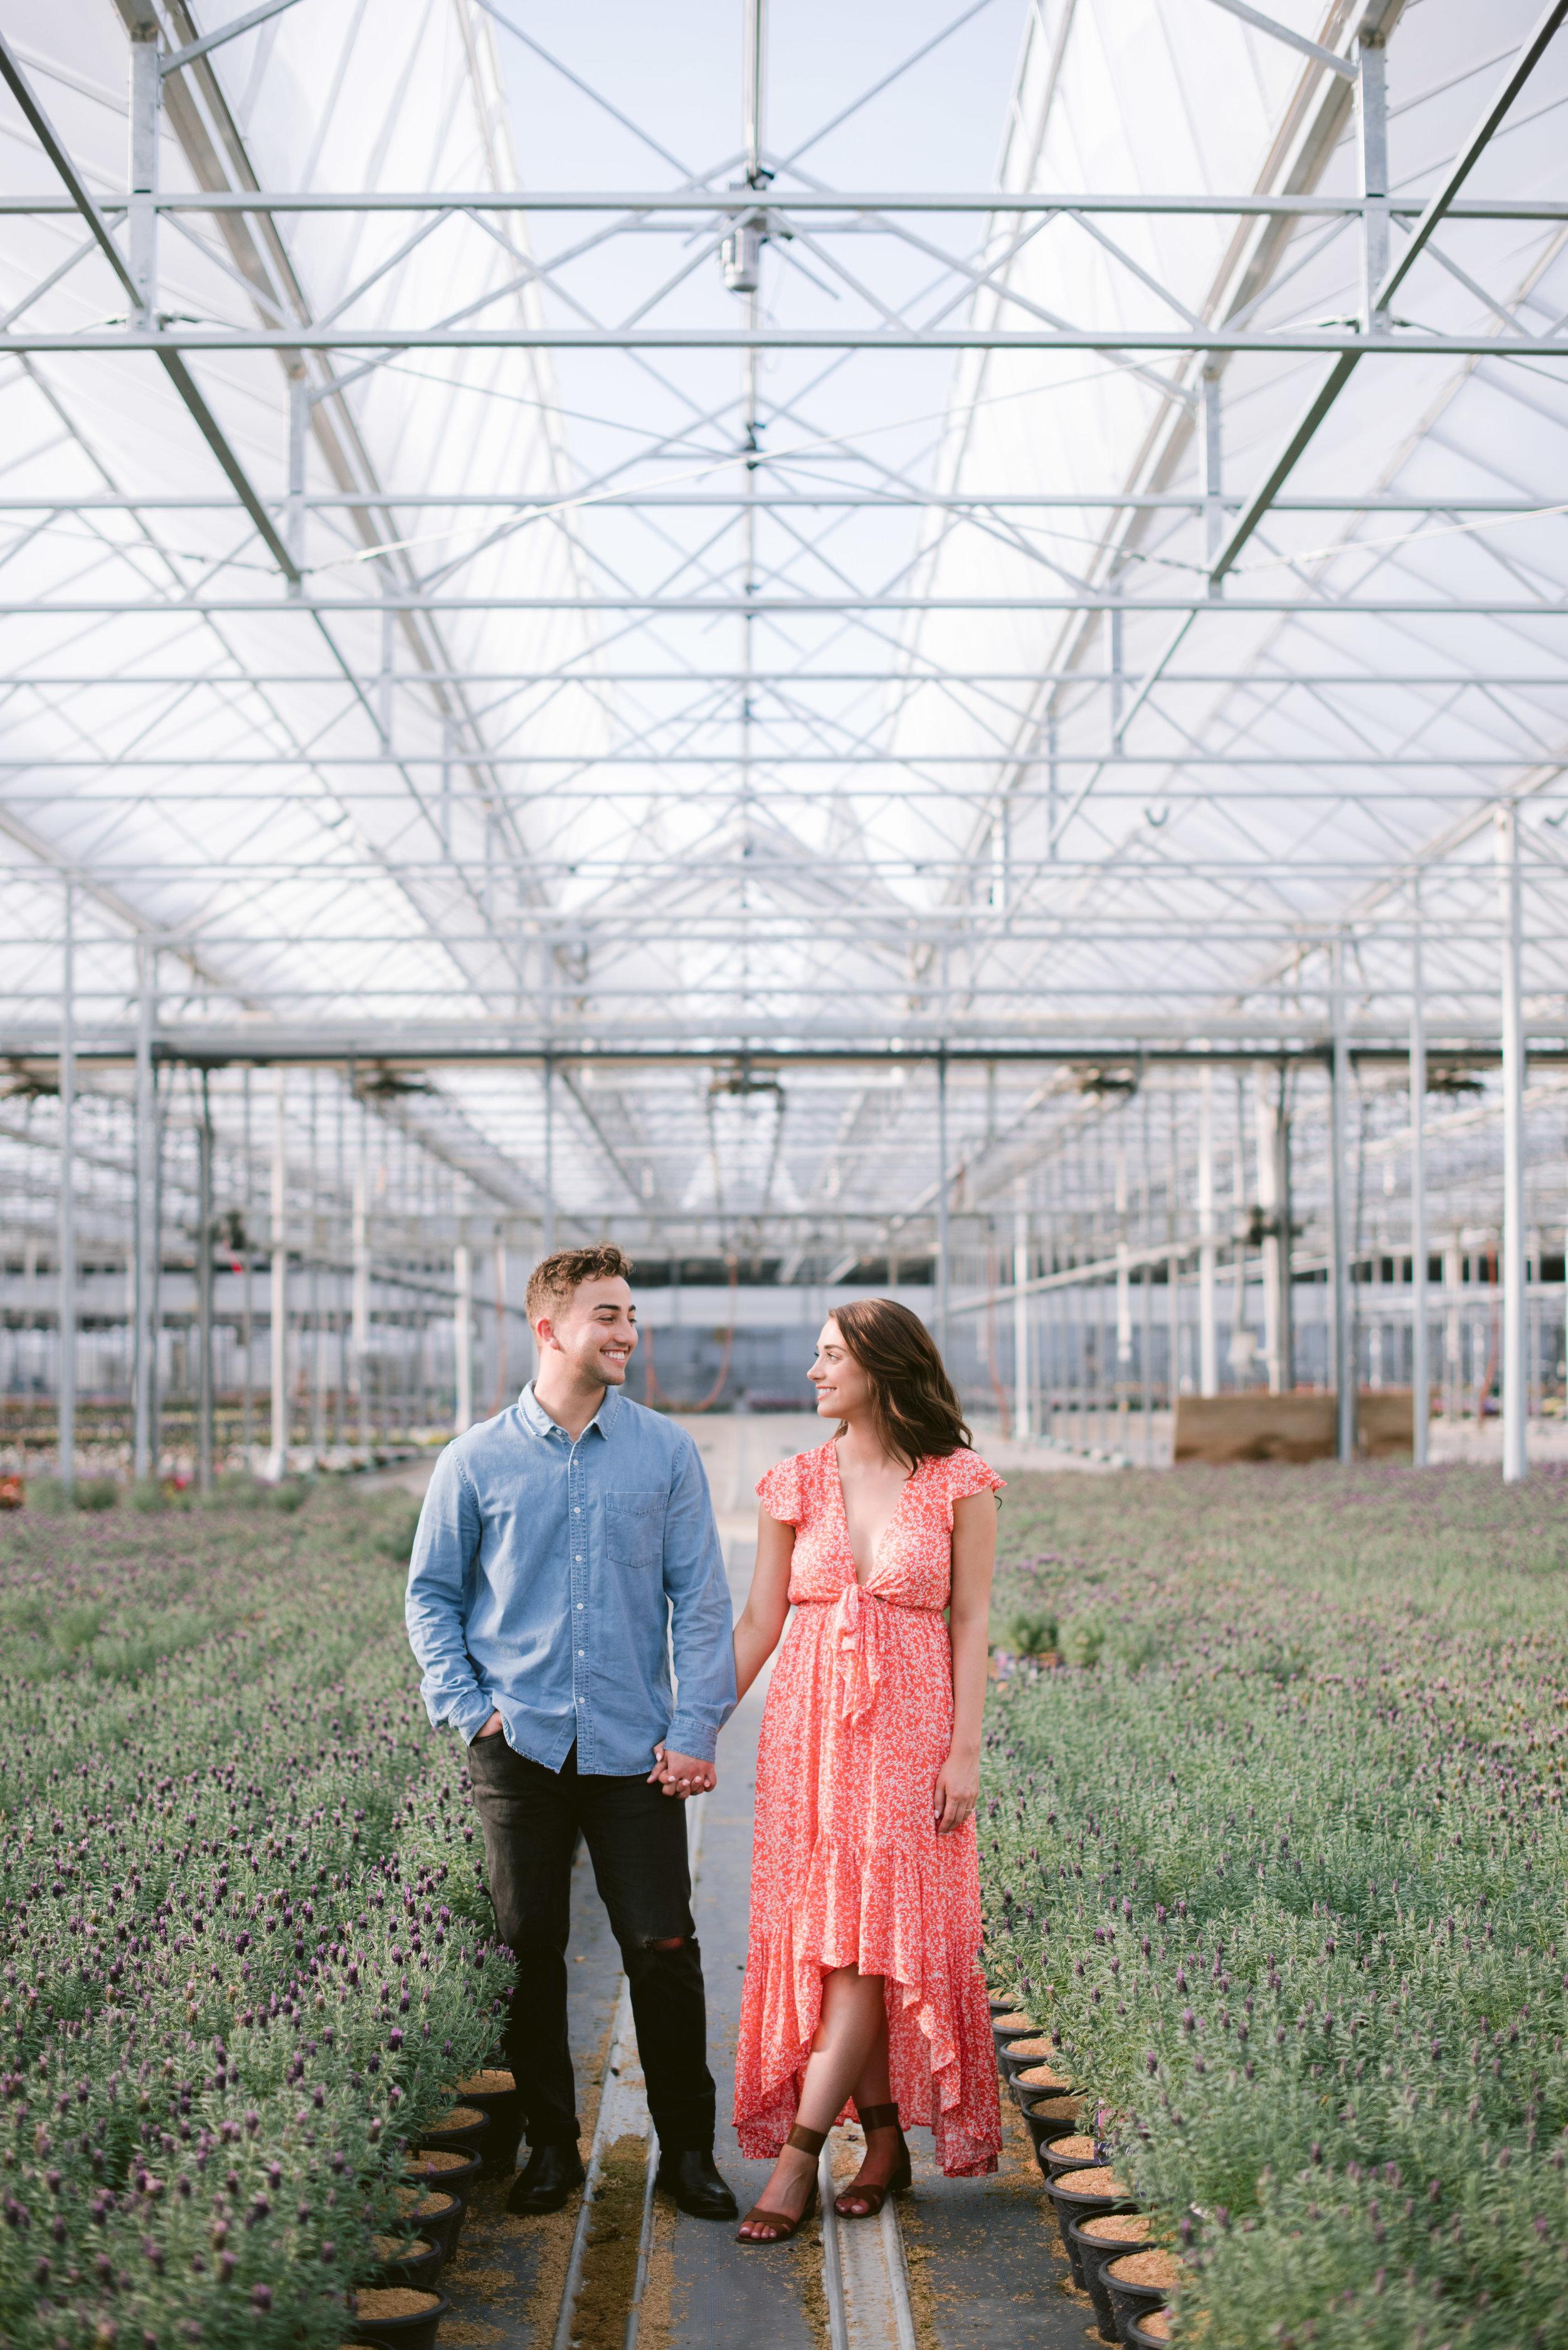 indianapolis greenhouse engagement session erika aileen photography indianapolis wedding photographer